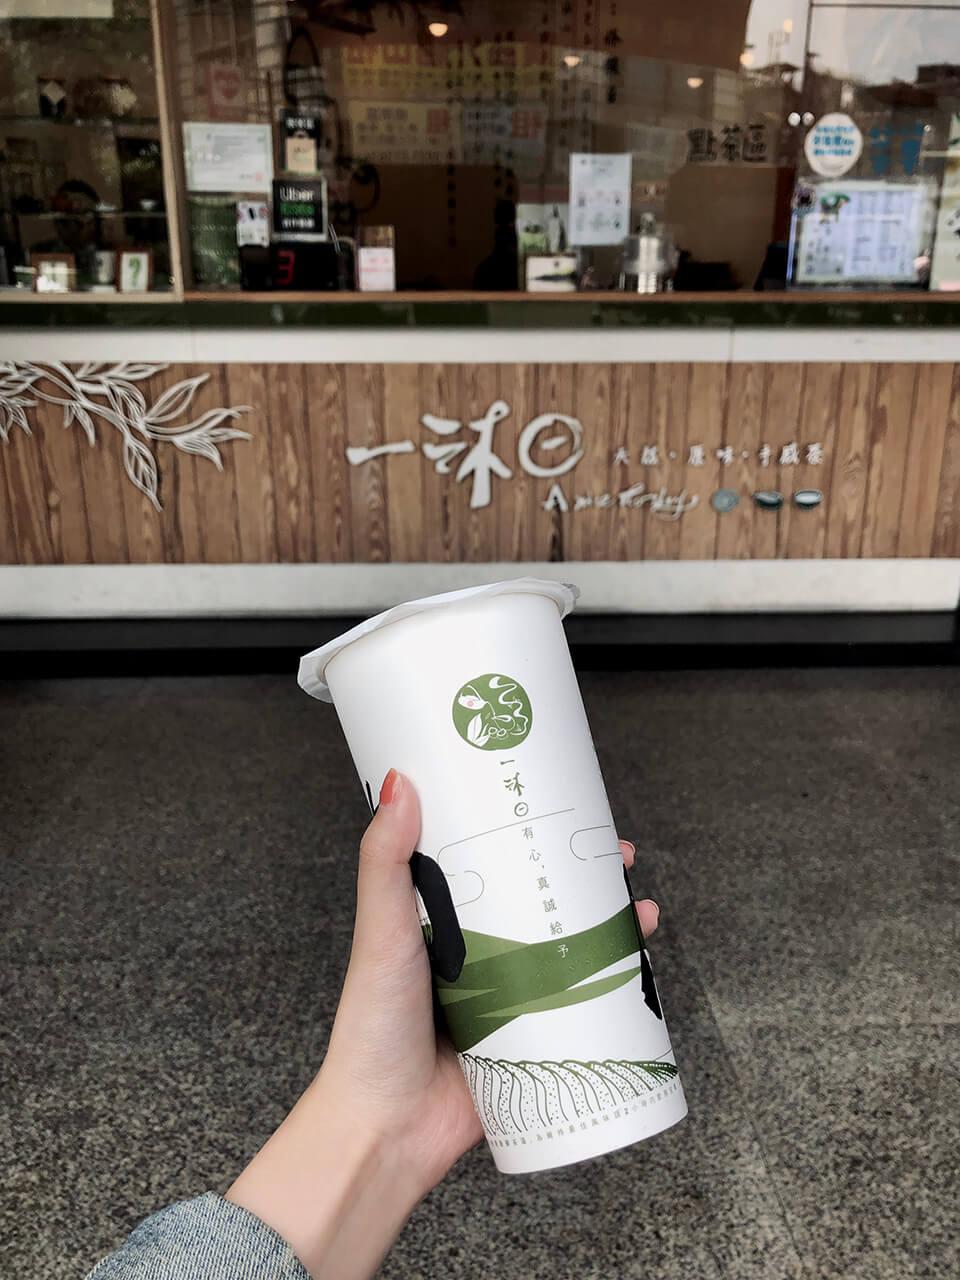 一沐日飲料荔枝蘆薈